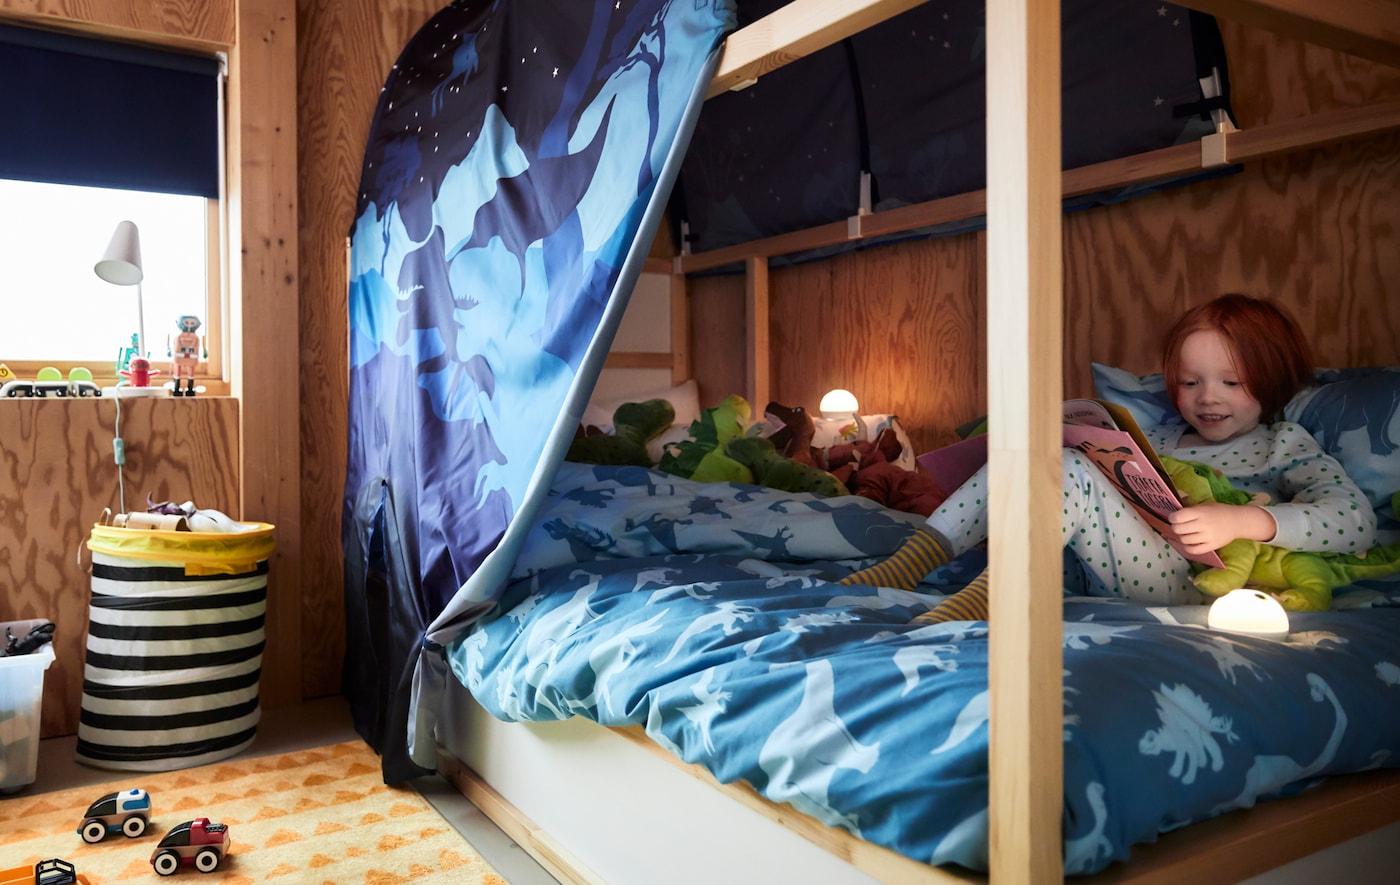 Una bambina abbraccia il suo dinosauro di peluche su un letto reversibile KURA, leggendo un libro di fiabe sotto una tenda per letto con fantasia di dinosauri - IKEA